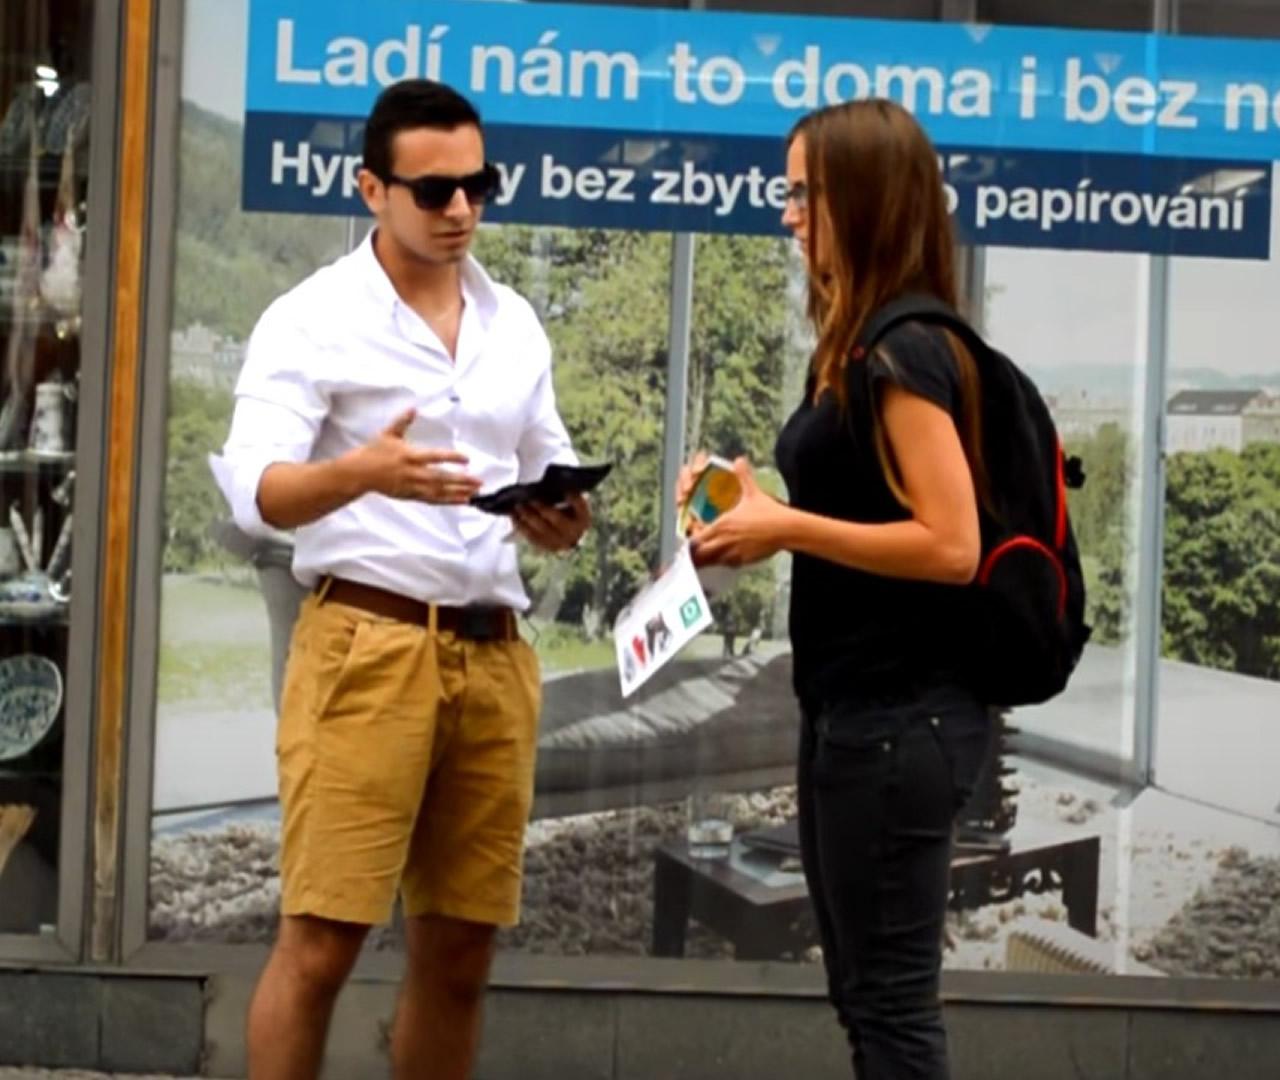 Τρομερό κοινωνικό πείραμα: 2 τύποι προσφέρουν 1000€ σε κορίτσια για να πάνε μαζί τους! Θα πάνε;